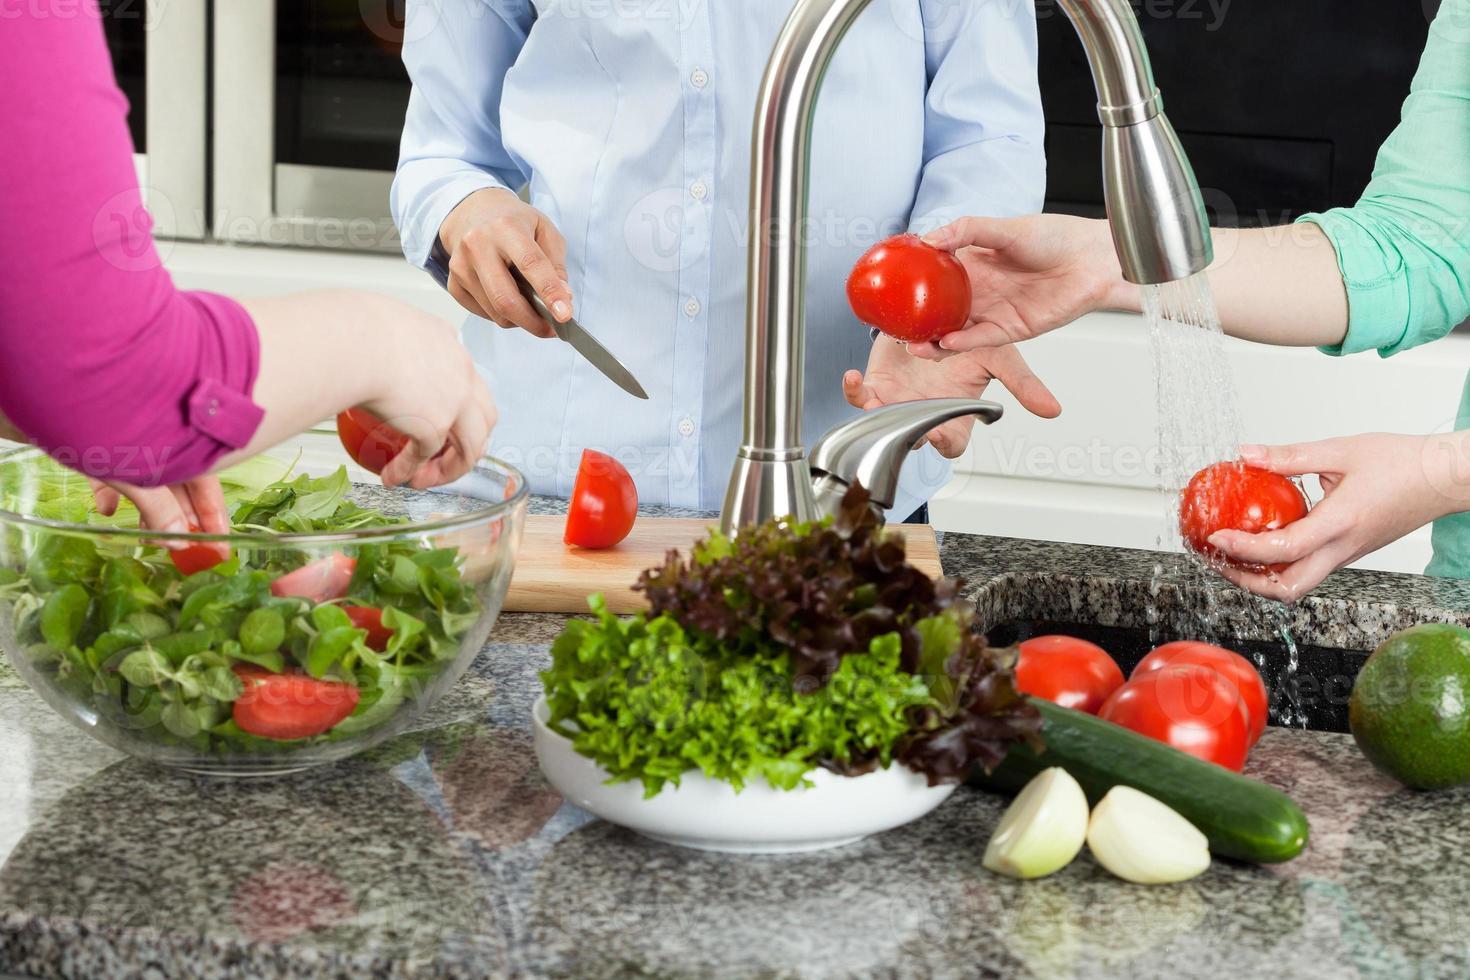 grupo de mulheres preparando comida na cozinha foto